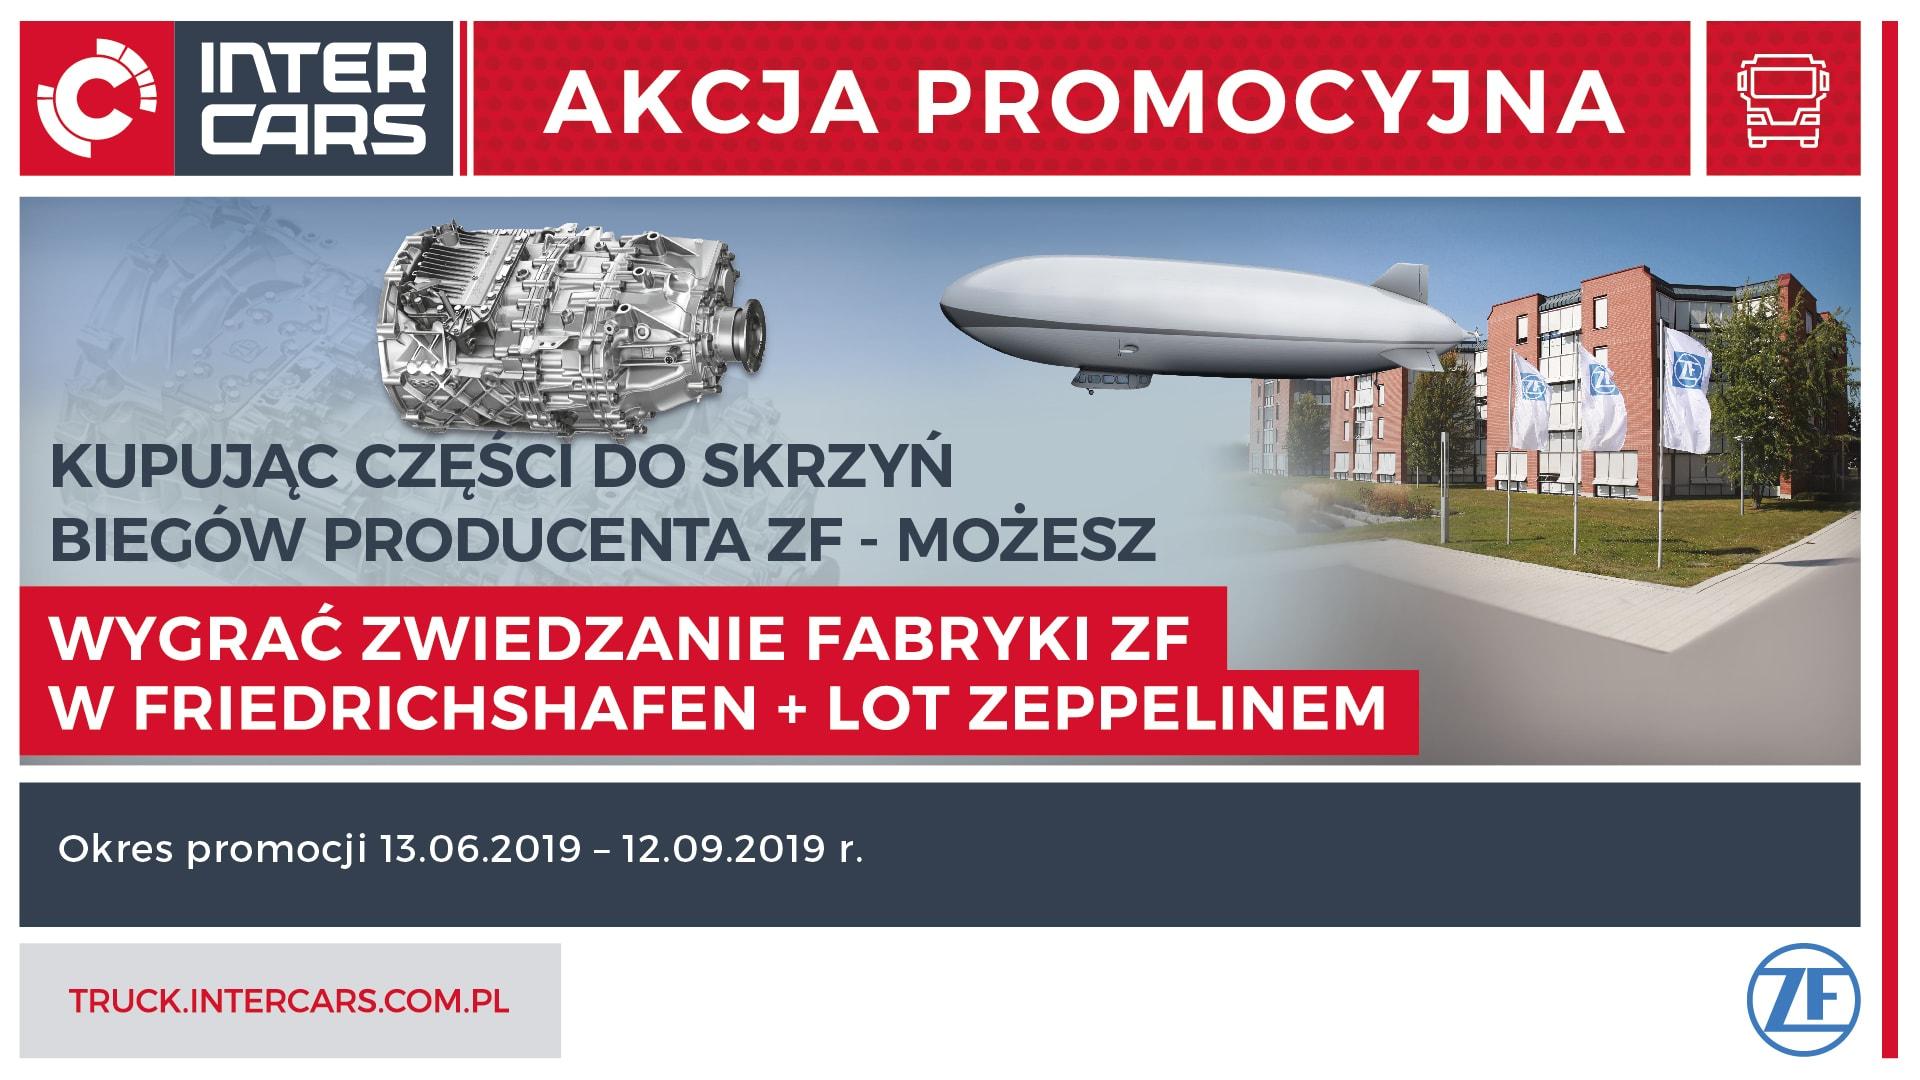 Wygraj zwiedzanie fabryki ZF we Friedrichshafen.jpg